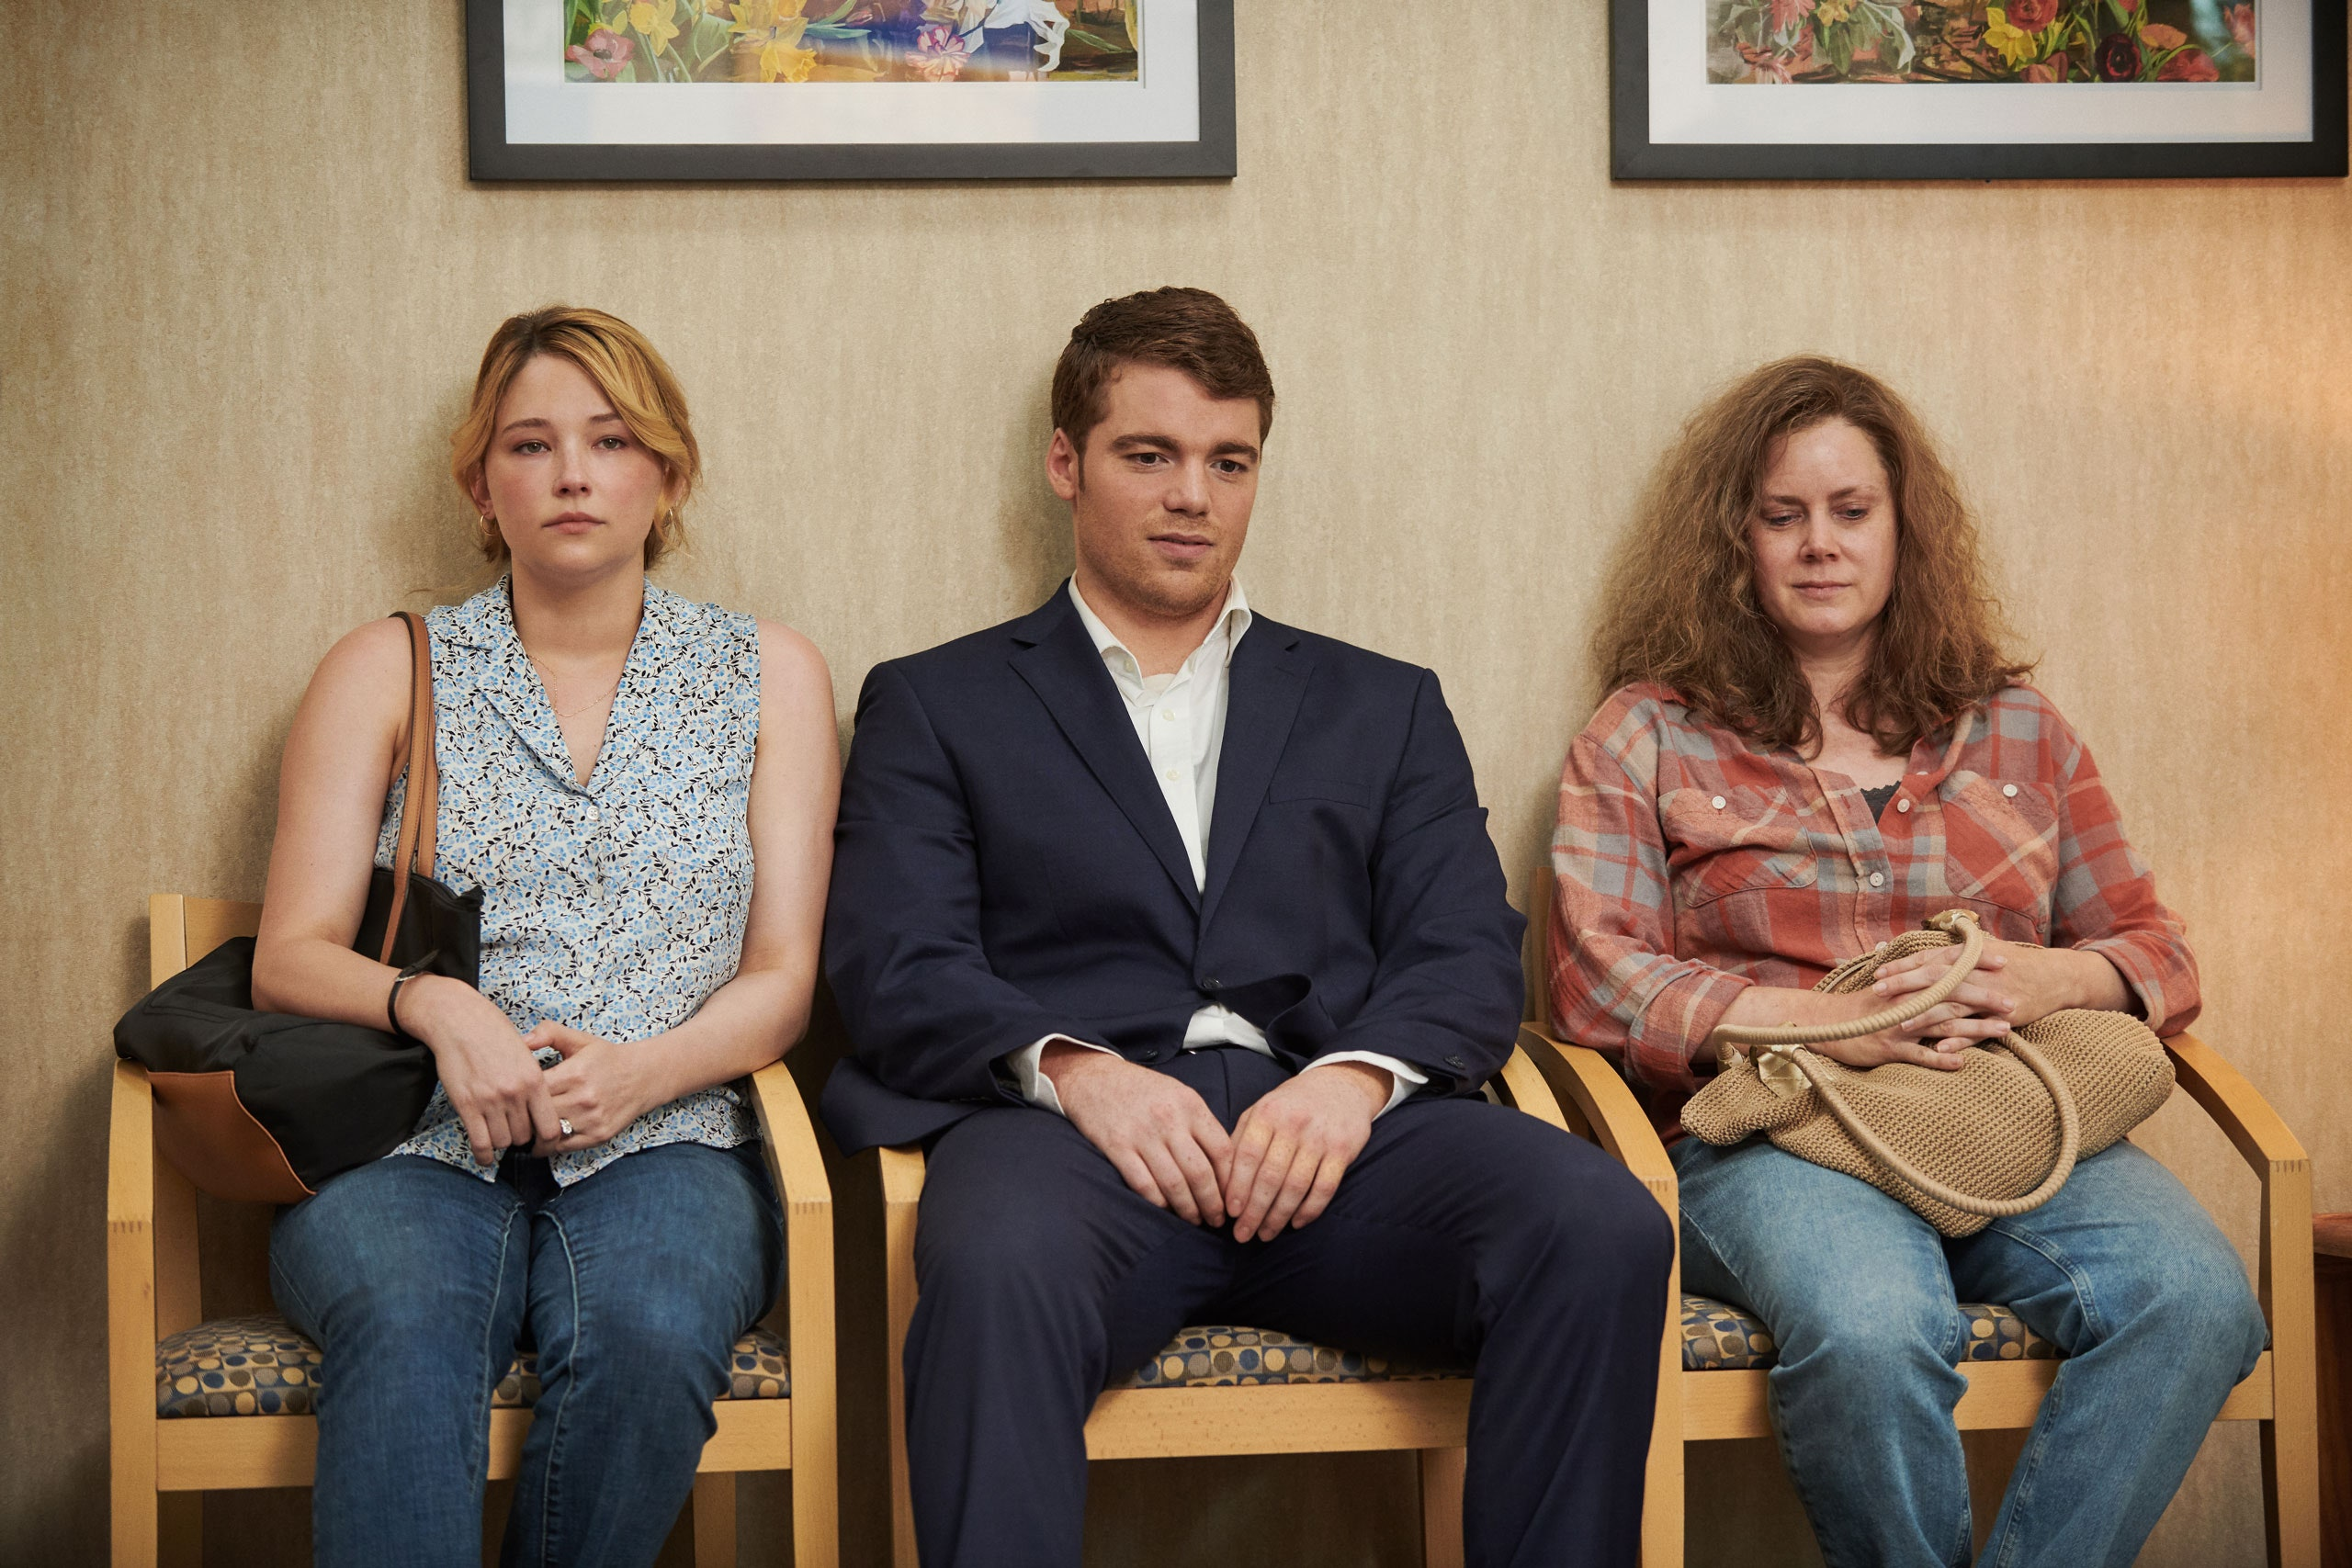 A imagem é uma cena do filme Era uma vez um sonho. Na imagem, os personagens Lindsay, J.D. e Bev estão sentados em cadeiras na sala de espera de um consultório. Na imagem, da esquerda para a direita, está Lindsay, interpretada pela atriz Haley Bennett. Ela é uma mulher branca, com cabelos loiros amarrados em um coque baixo; ela veste uma blusa azul-clara e uma calça jeans, e está com uma bolsa em seu ombro direito. Ao seu lado, está J. D., em sua fase adulta, interpretado pelo ator Gabriel Basso. Ele é um homem branco, de cabelos castanhos claros; ele veste um terno azul-marinho, com uma camisa branca por baixo e uma calça social na cor azul-marinho. Ao seu lado, está Bev, interpretada pela atriz Amy Adams. Ela é uma mulher branca, de cabelos ruivos e compridos; ela veste uma camisa xadrez e uma calça jeans, e está com uma bolsa bege em seu colo.